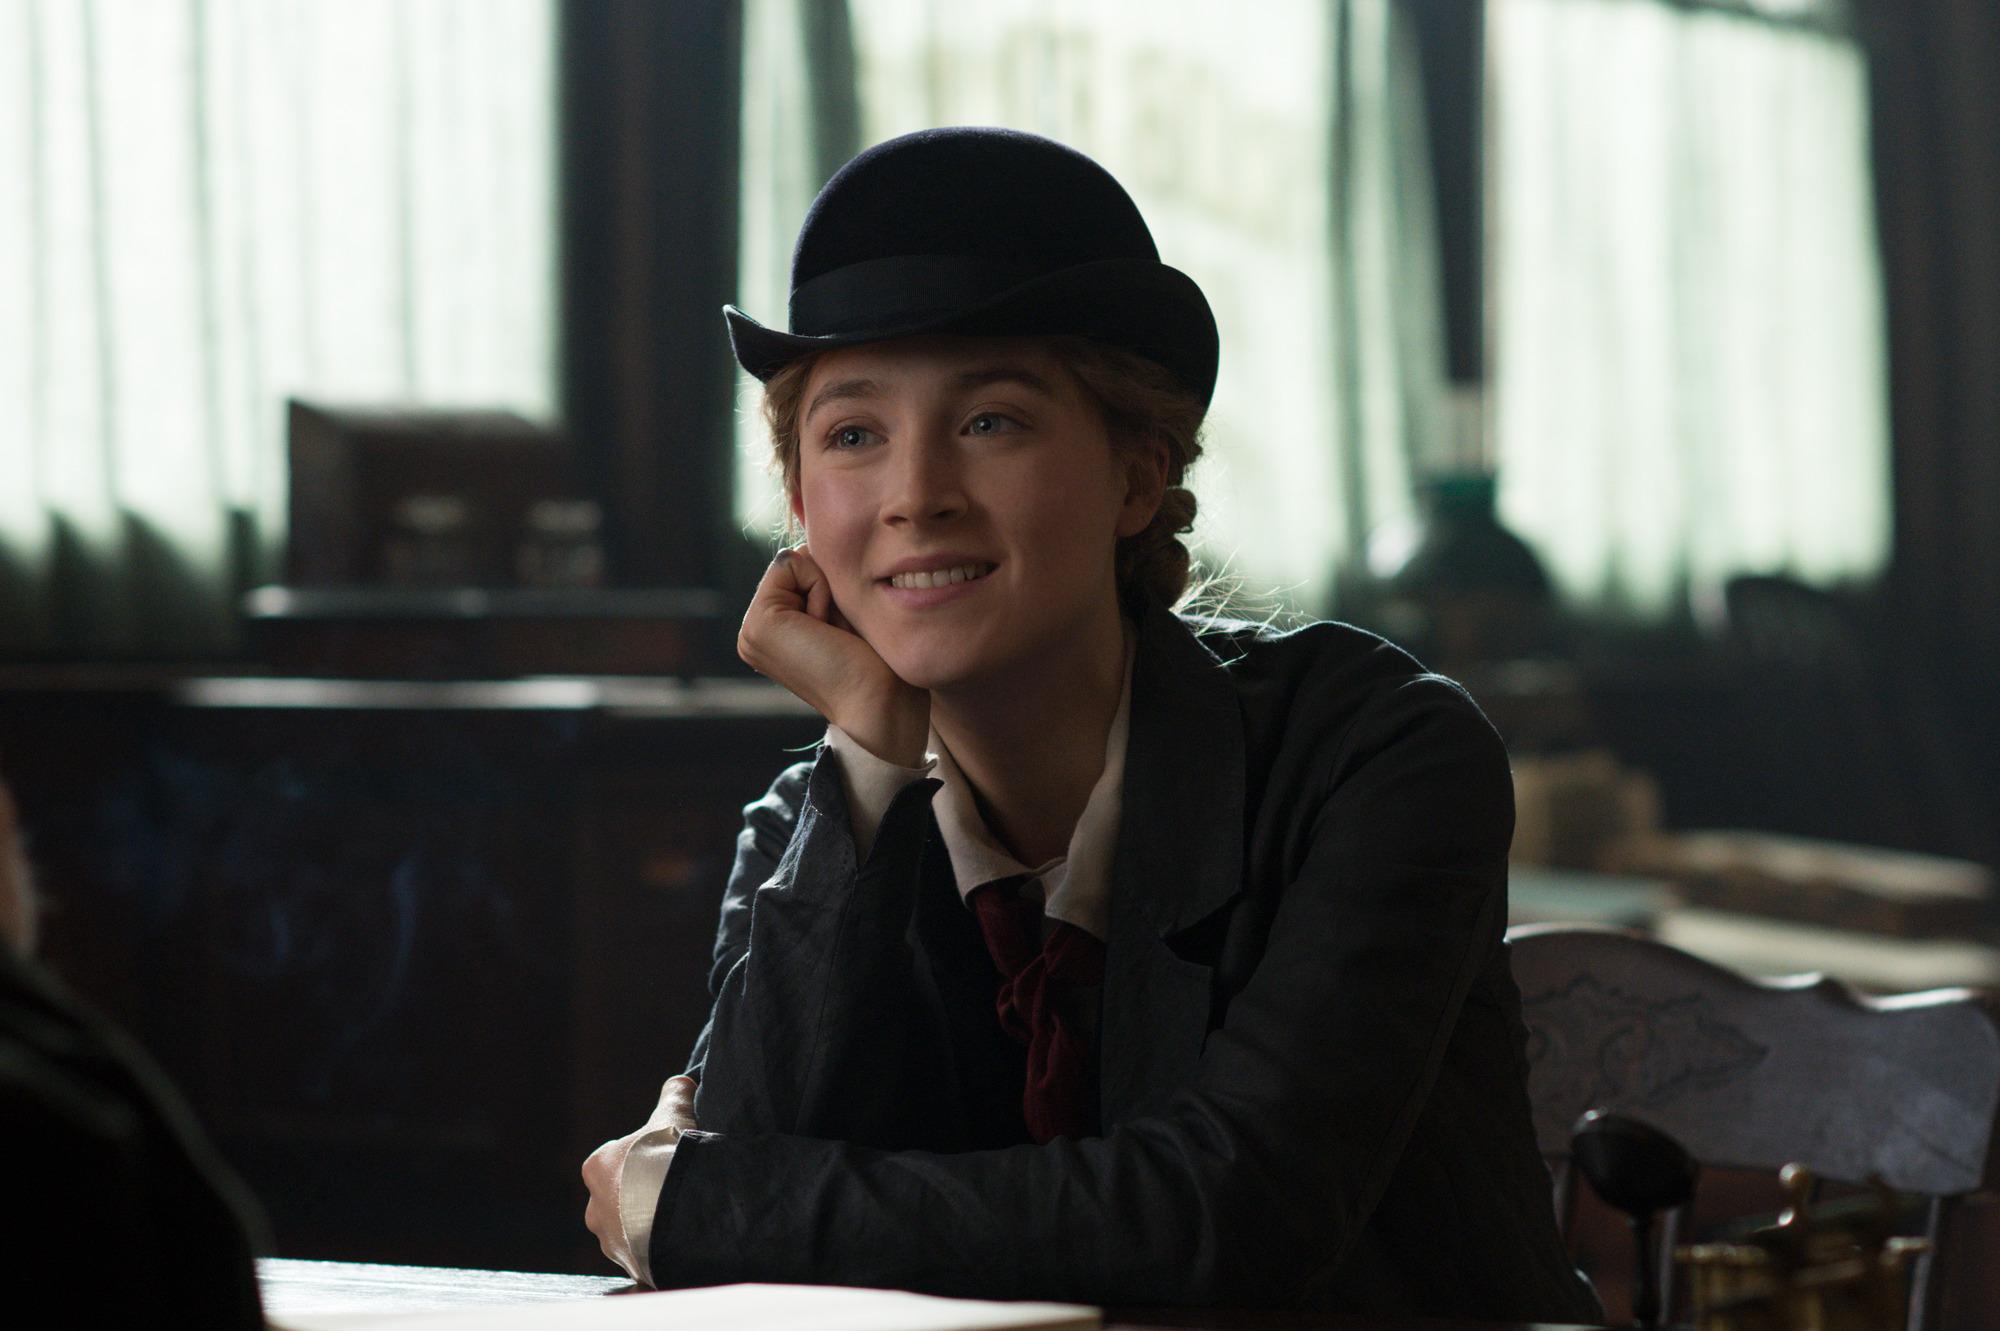 才女名導葛莉塔潔薇攜金球影后瑟夏羅南再創生涯代表作